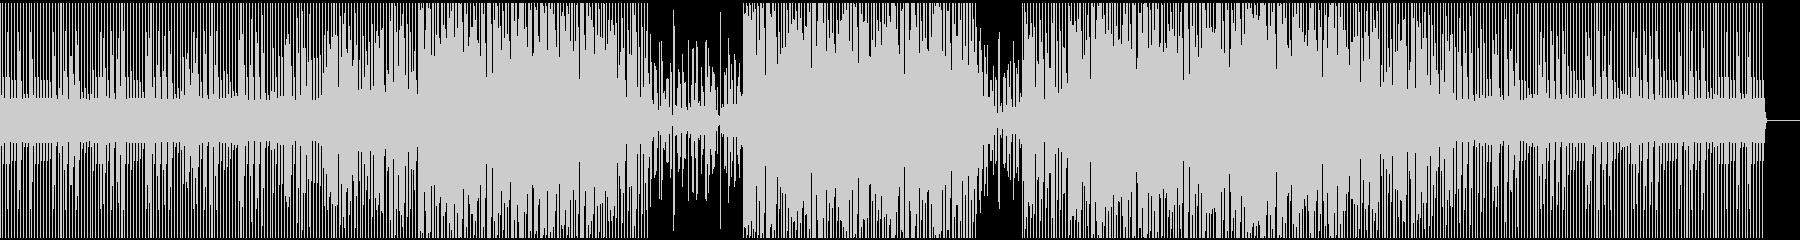 ピアノの旋律が印象的なテクノサウンドの未再生の波形